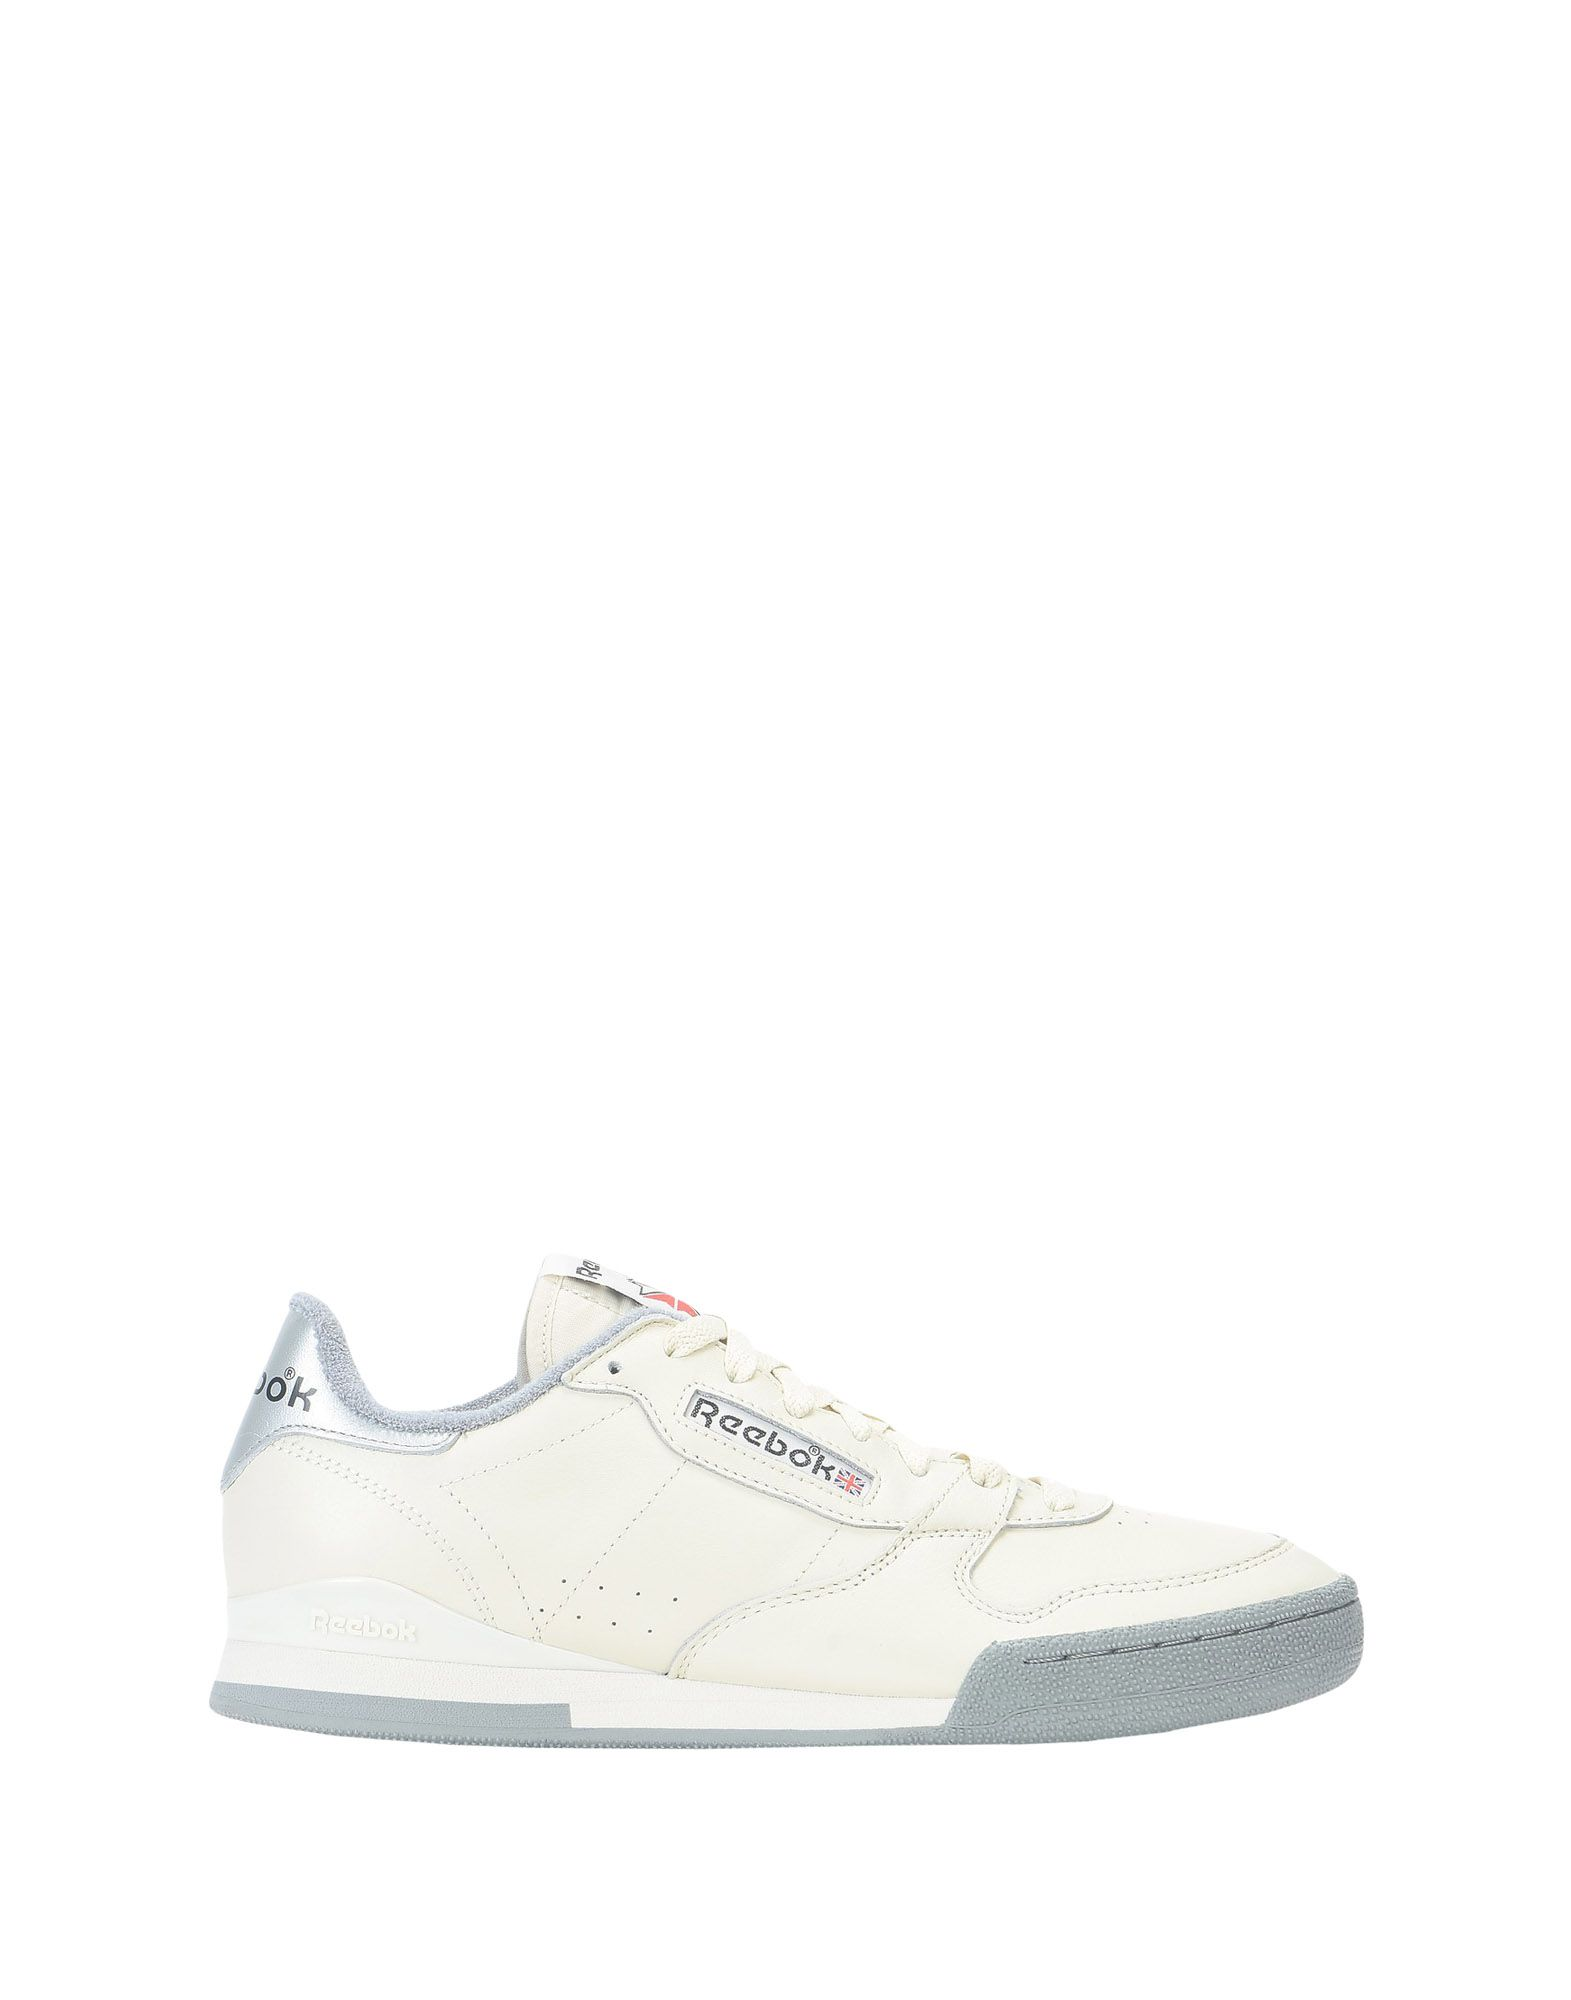 Reebok Phase 1 84 84 84 Archive - Sneakers - Men Reebok Sneakers online on  United Kingdom - 11495343BV b01802